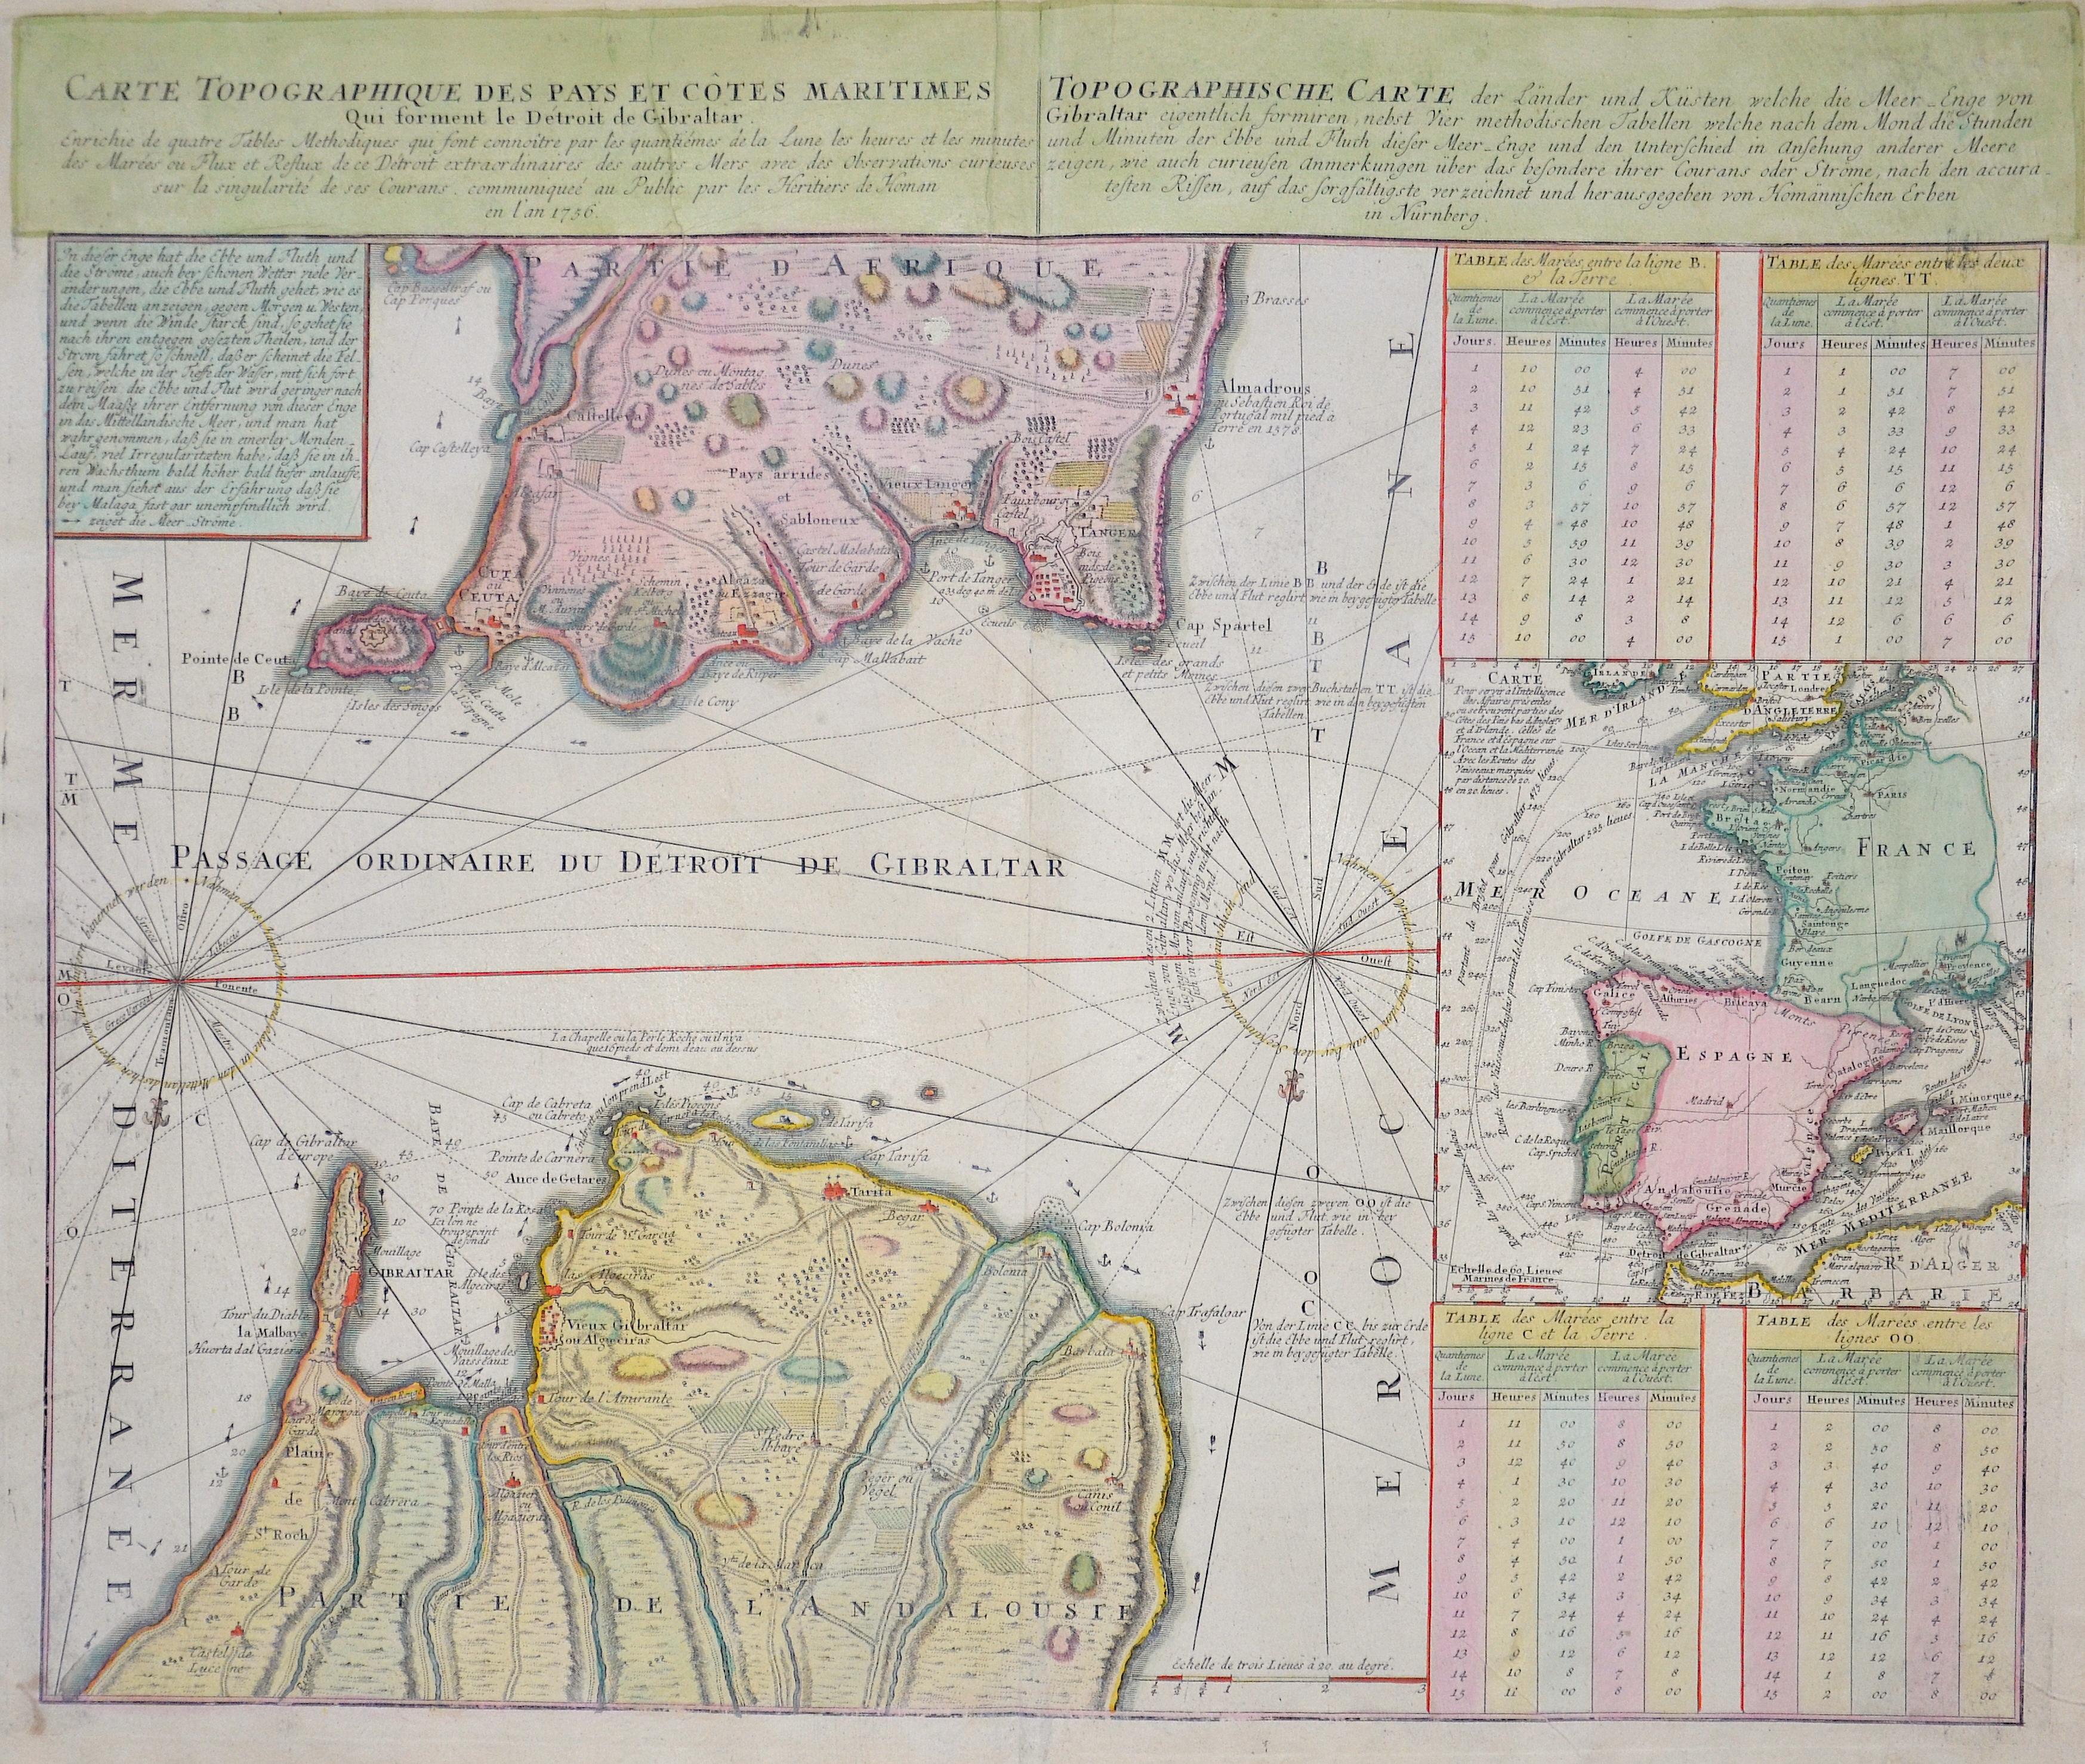 Homann Erben  Carte topographique des pays et cotes Maritimes/ Totpographische Carte der Länder und Küsten welche die Meer- Enge von Gibraltar…..